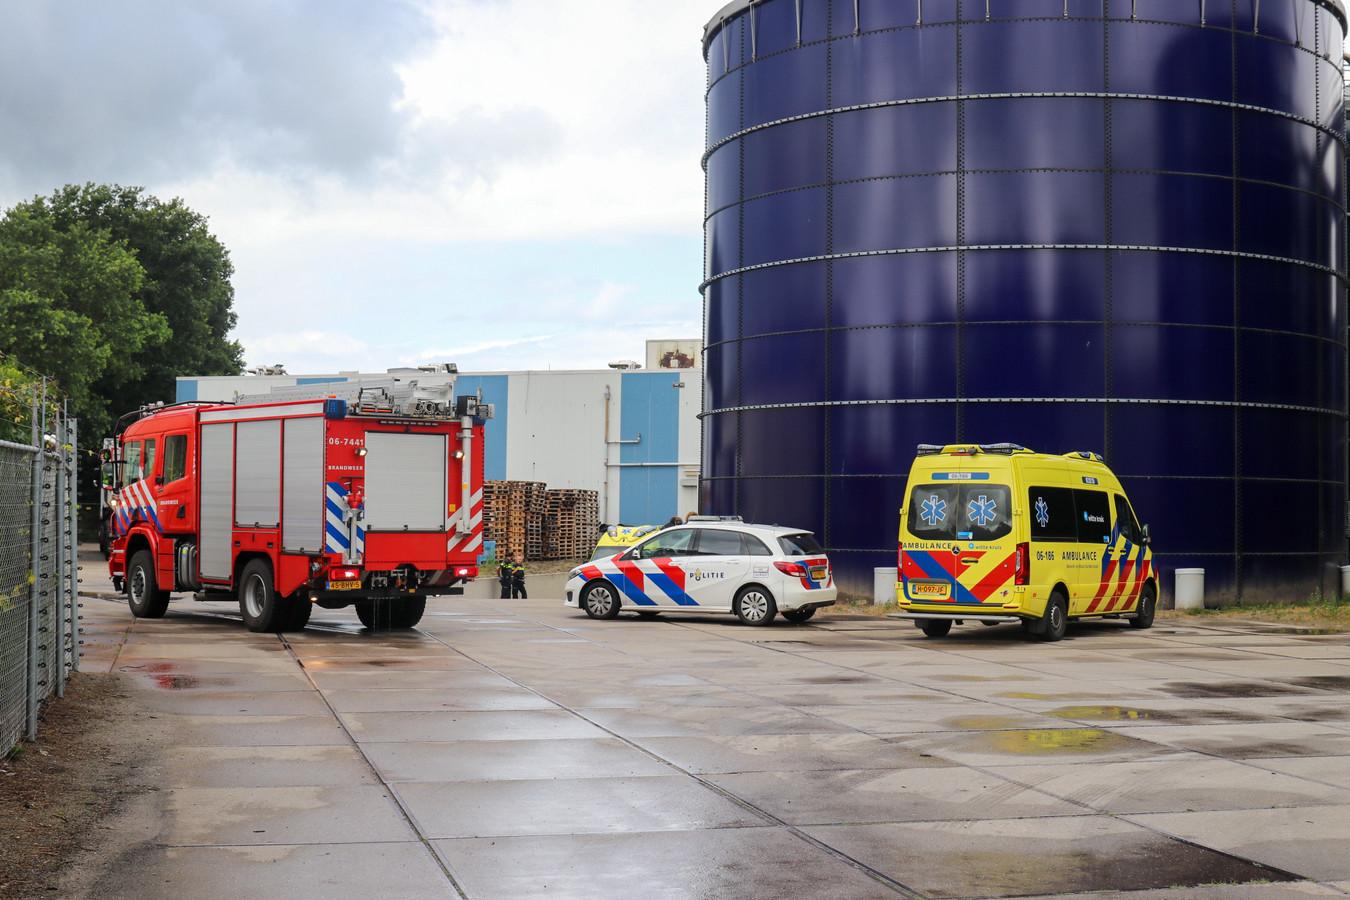 De hulpdiensten kwamen ter plaatse bij de bedrijfshal waar het ongeluk gebeurde.